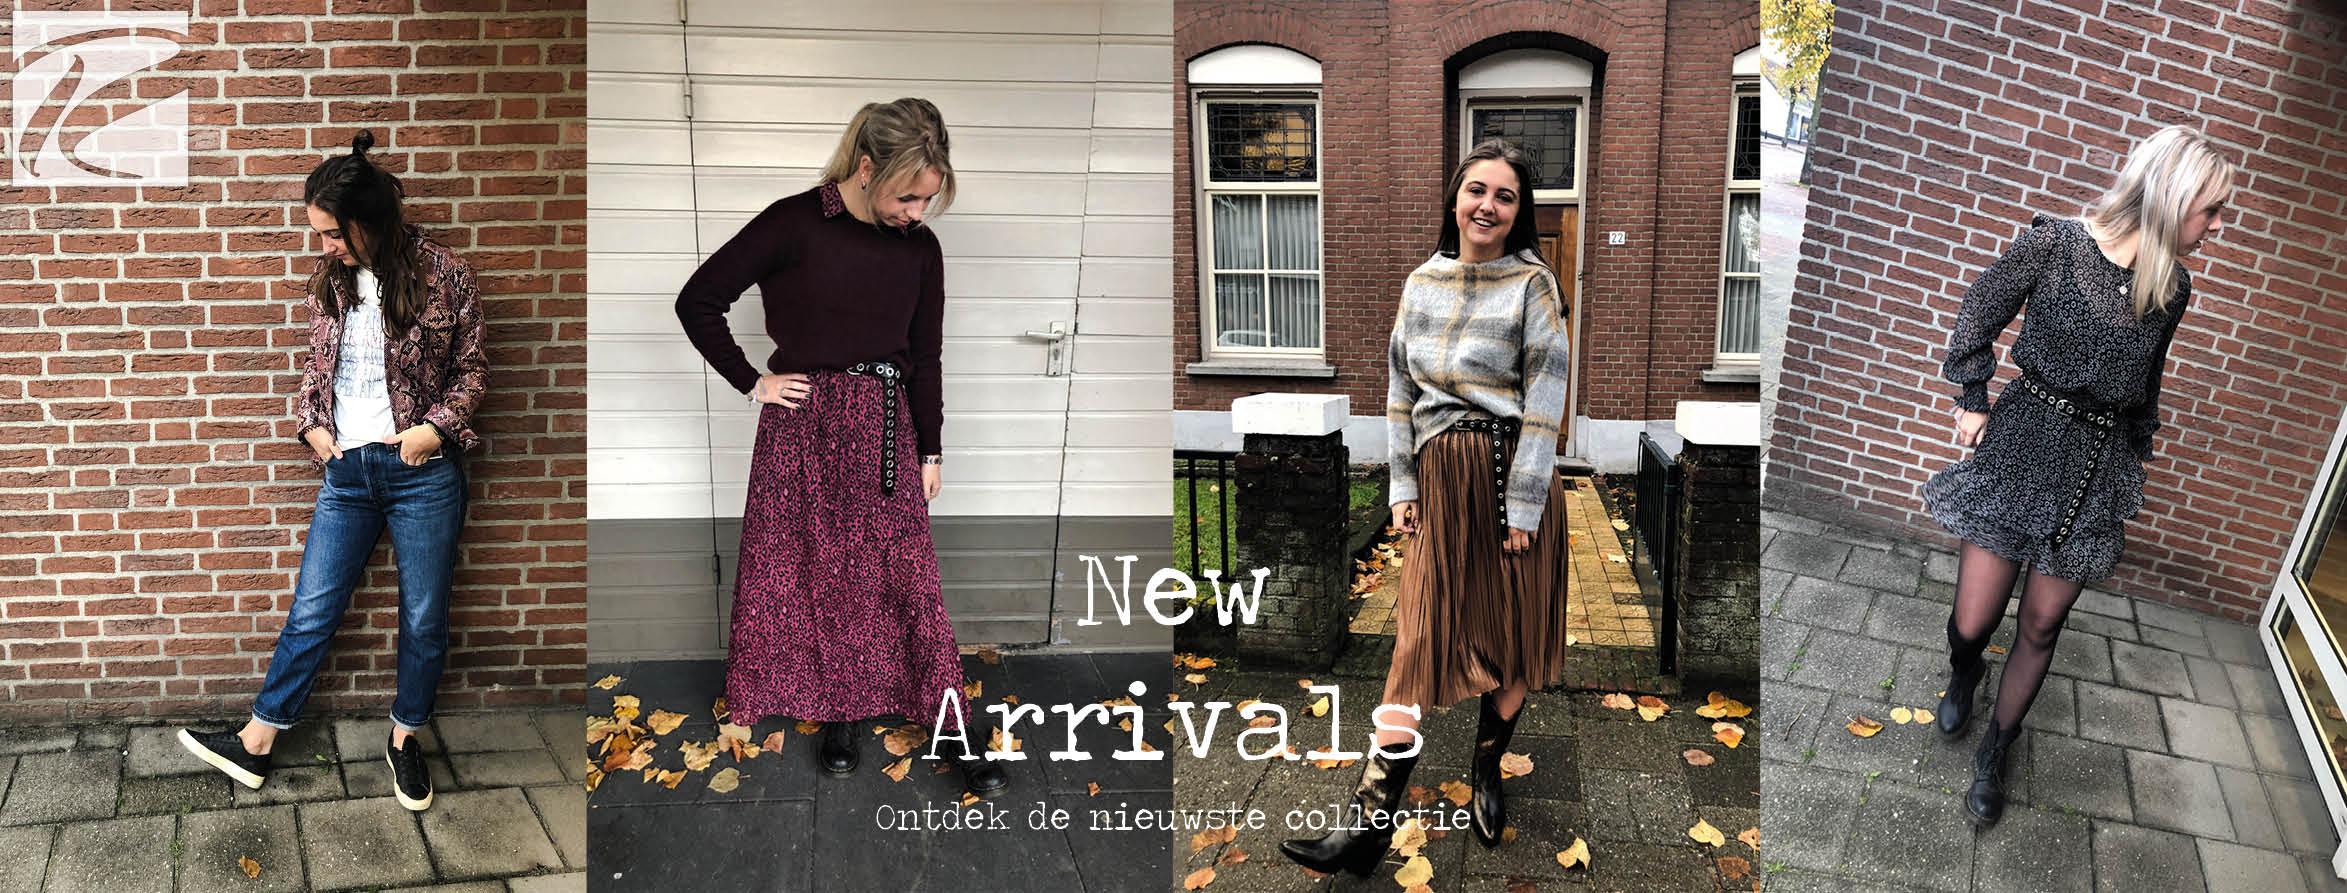 New arrivals 1